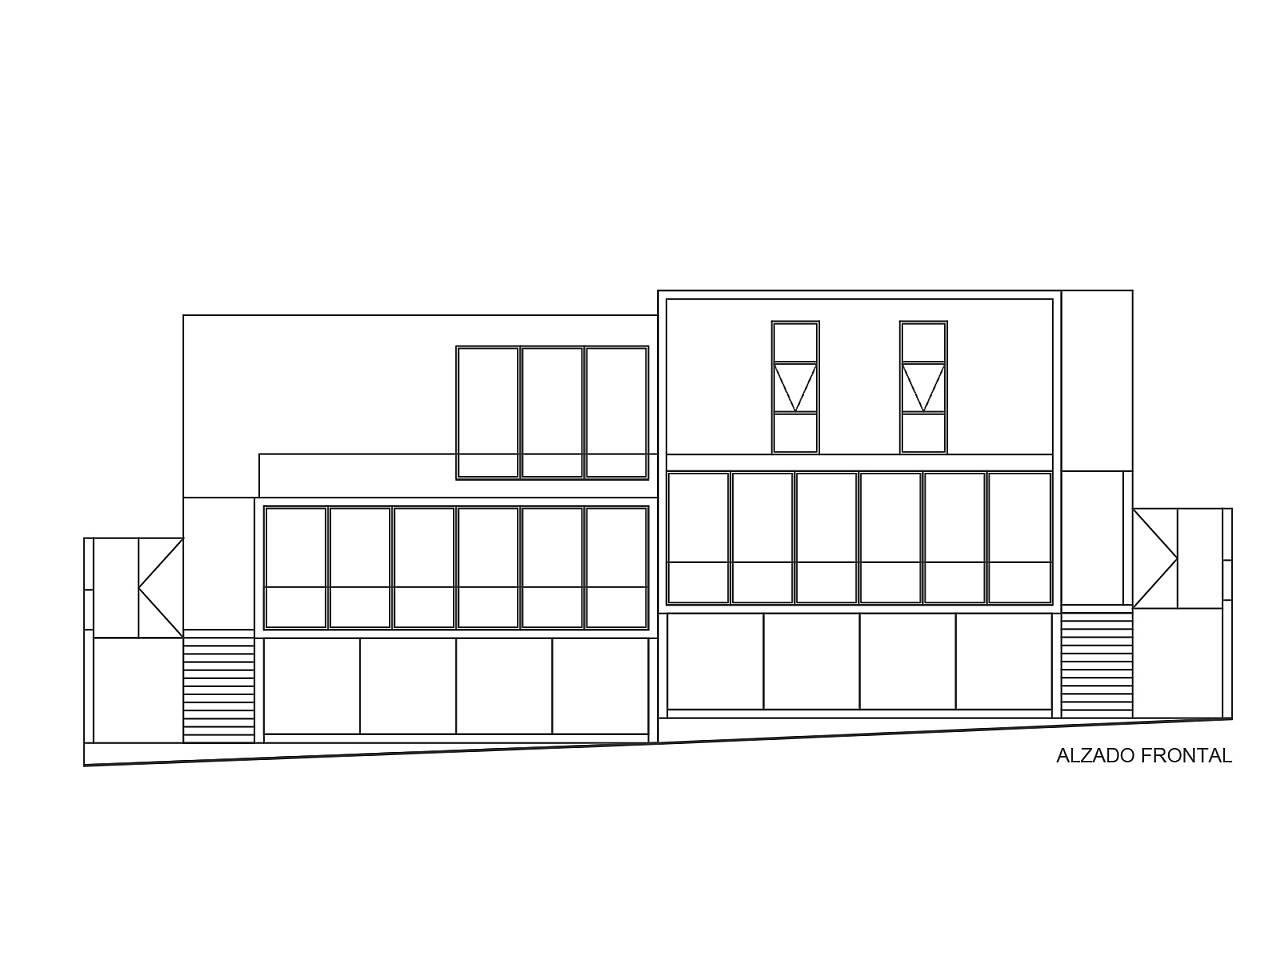 Casas cuatas los robles dise o de la desarrolladora arquired - Alzado arquitectura ...